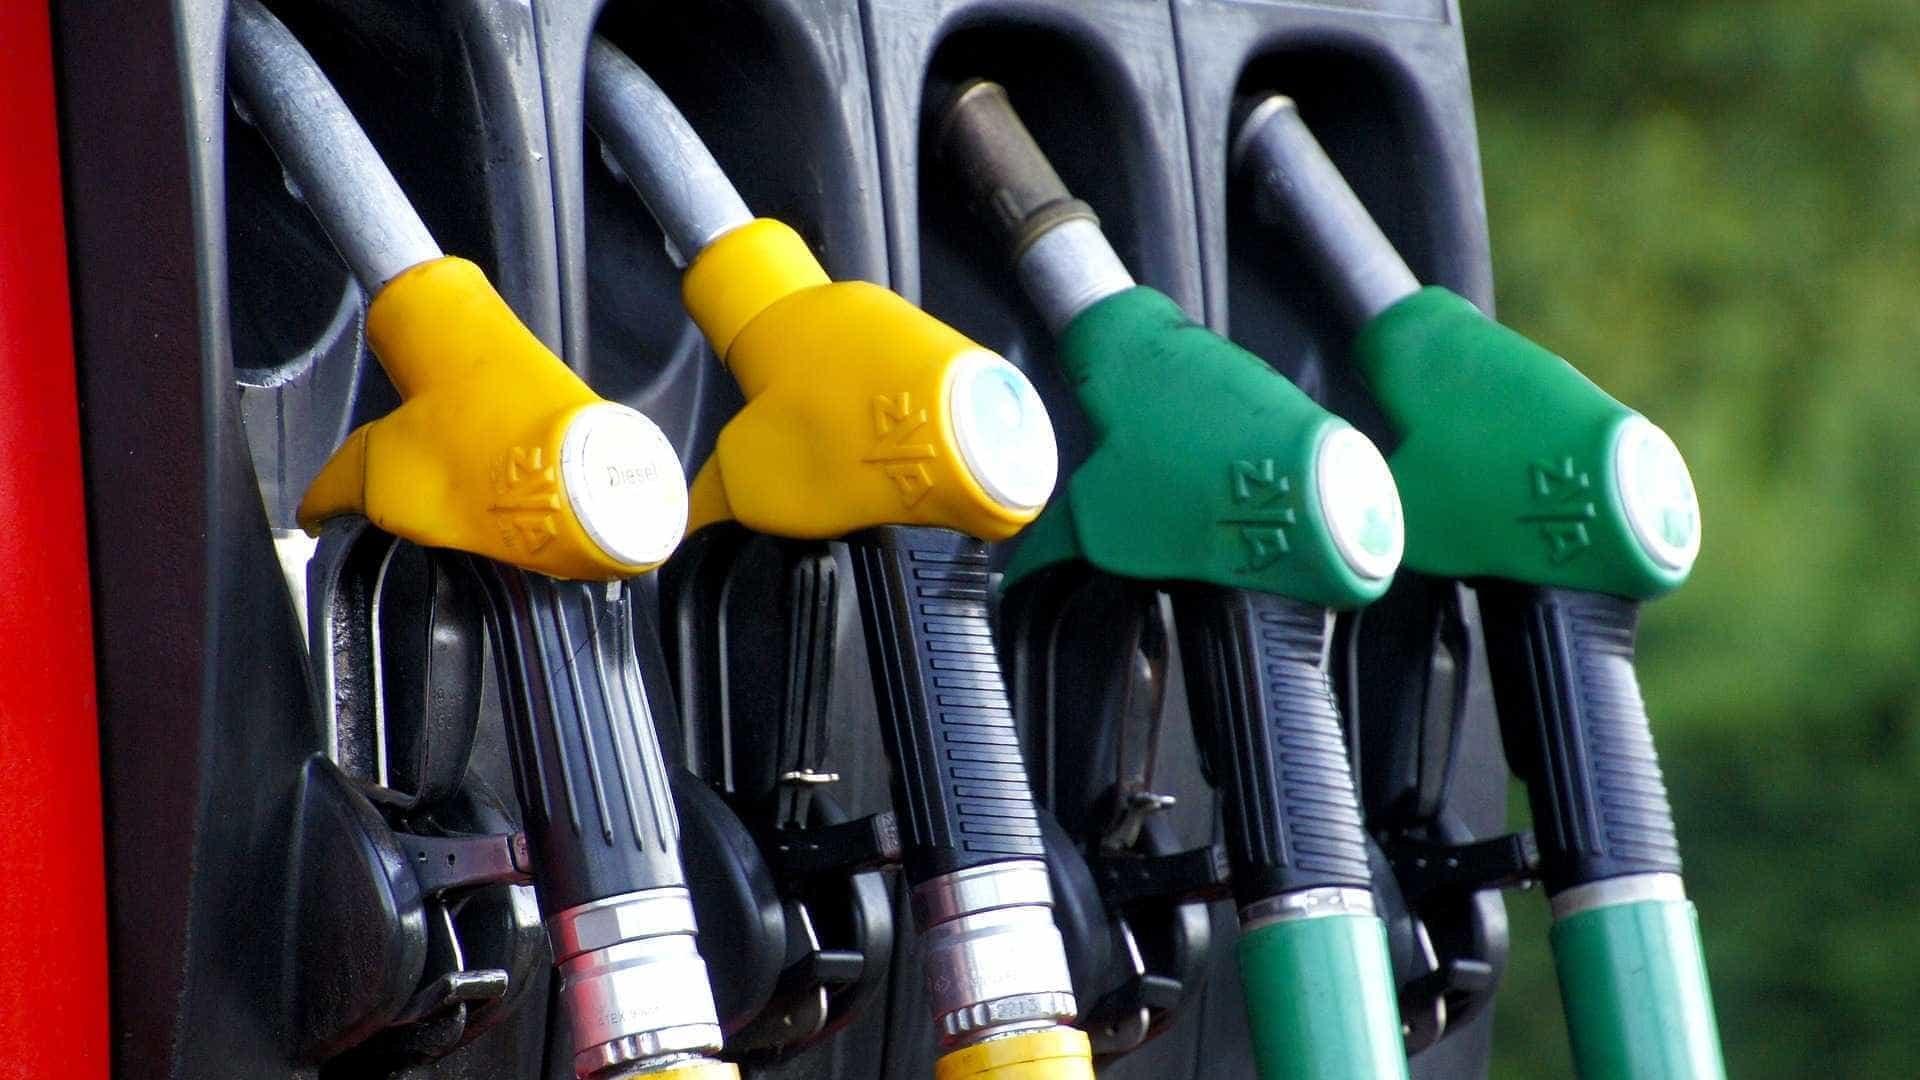 PAÍS – Combustíveis voltam a aumentar na próxima semana. É a 12ª semana seguida